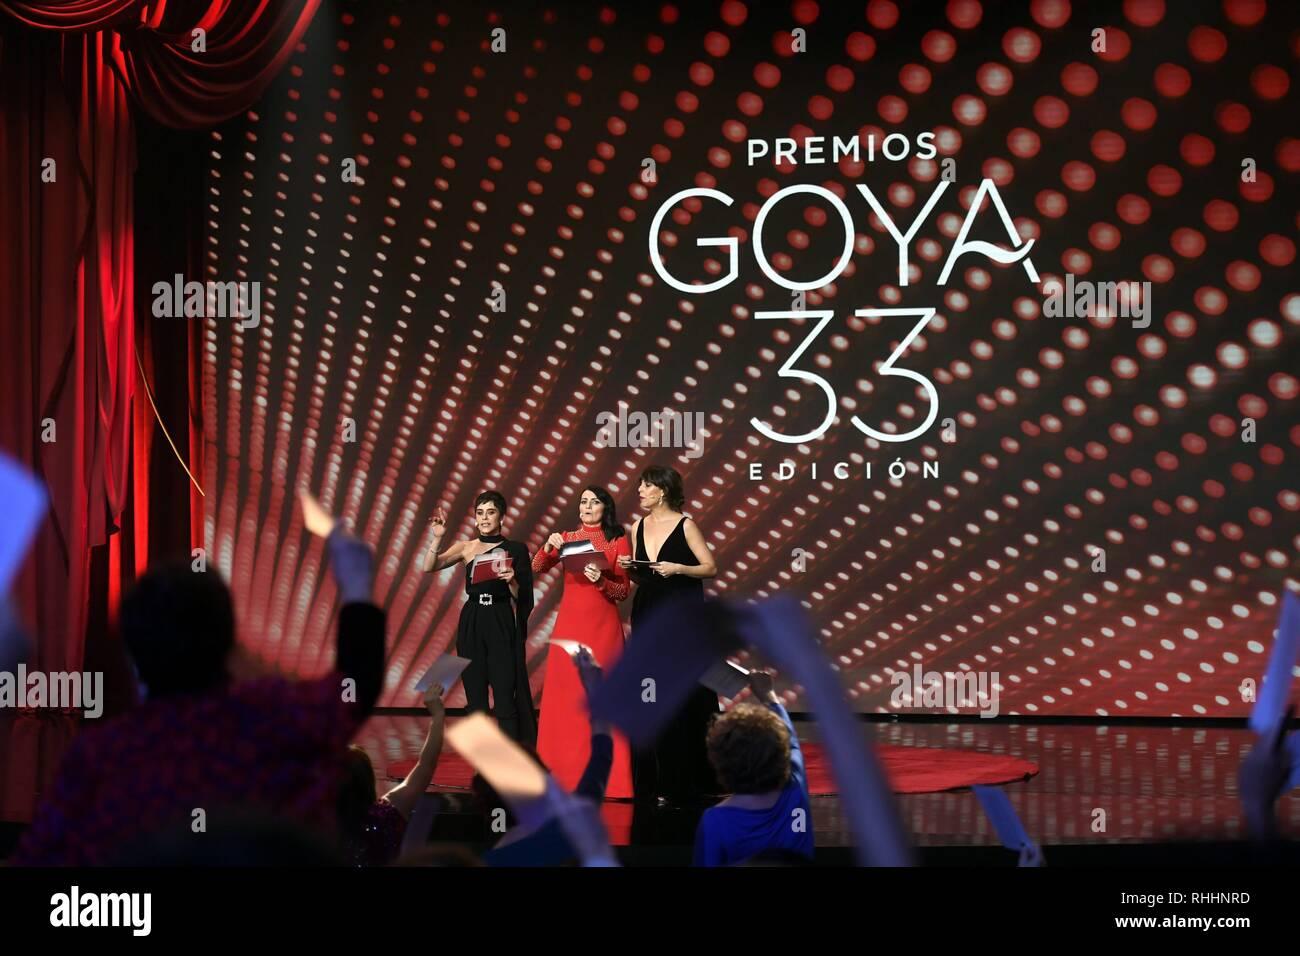 Sevilla, Spanien. 2. Feb 2019. Zeremonie der Etagen 33 jährliche Goya Filmpreis in Sevilla, am Samstag, den 2. Februar, 2019. Credit: CORDON PRESSE/Alamy leben Nachrichten Stockfoto